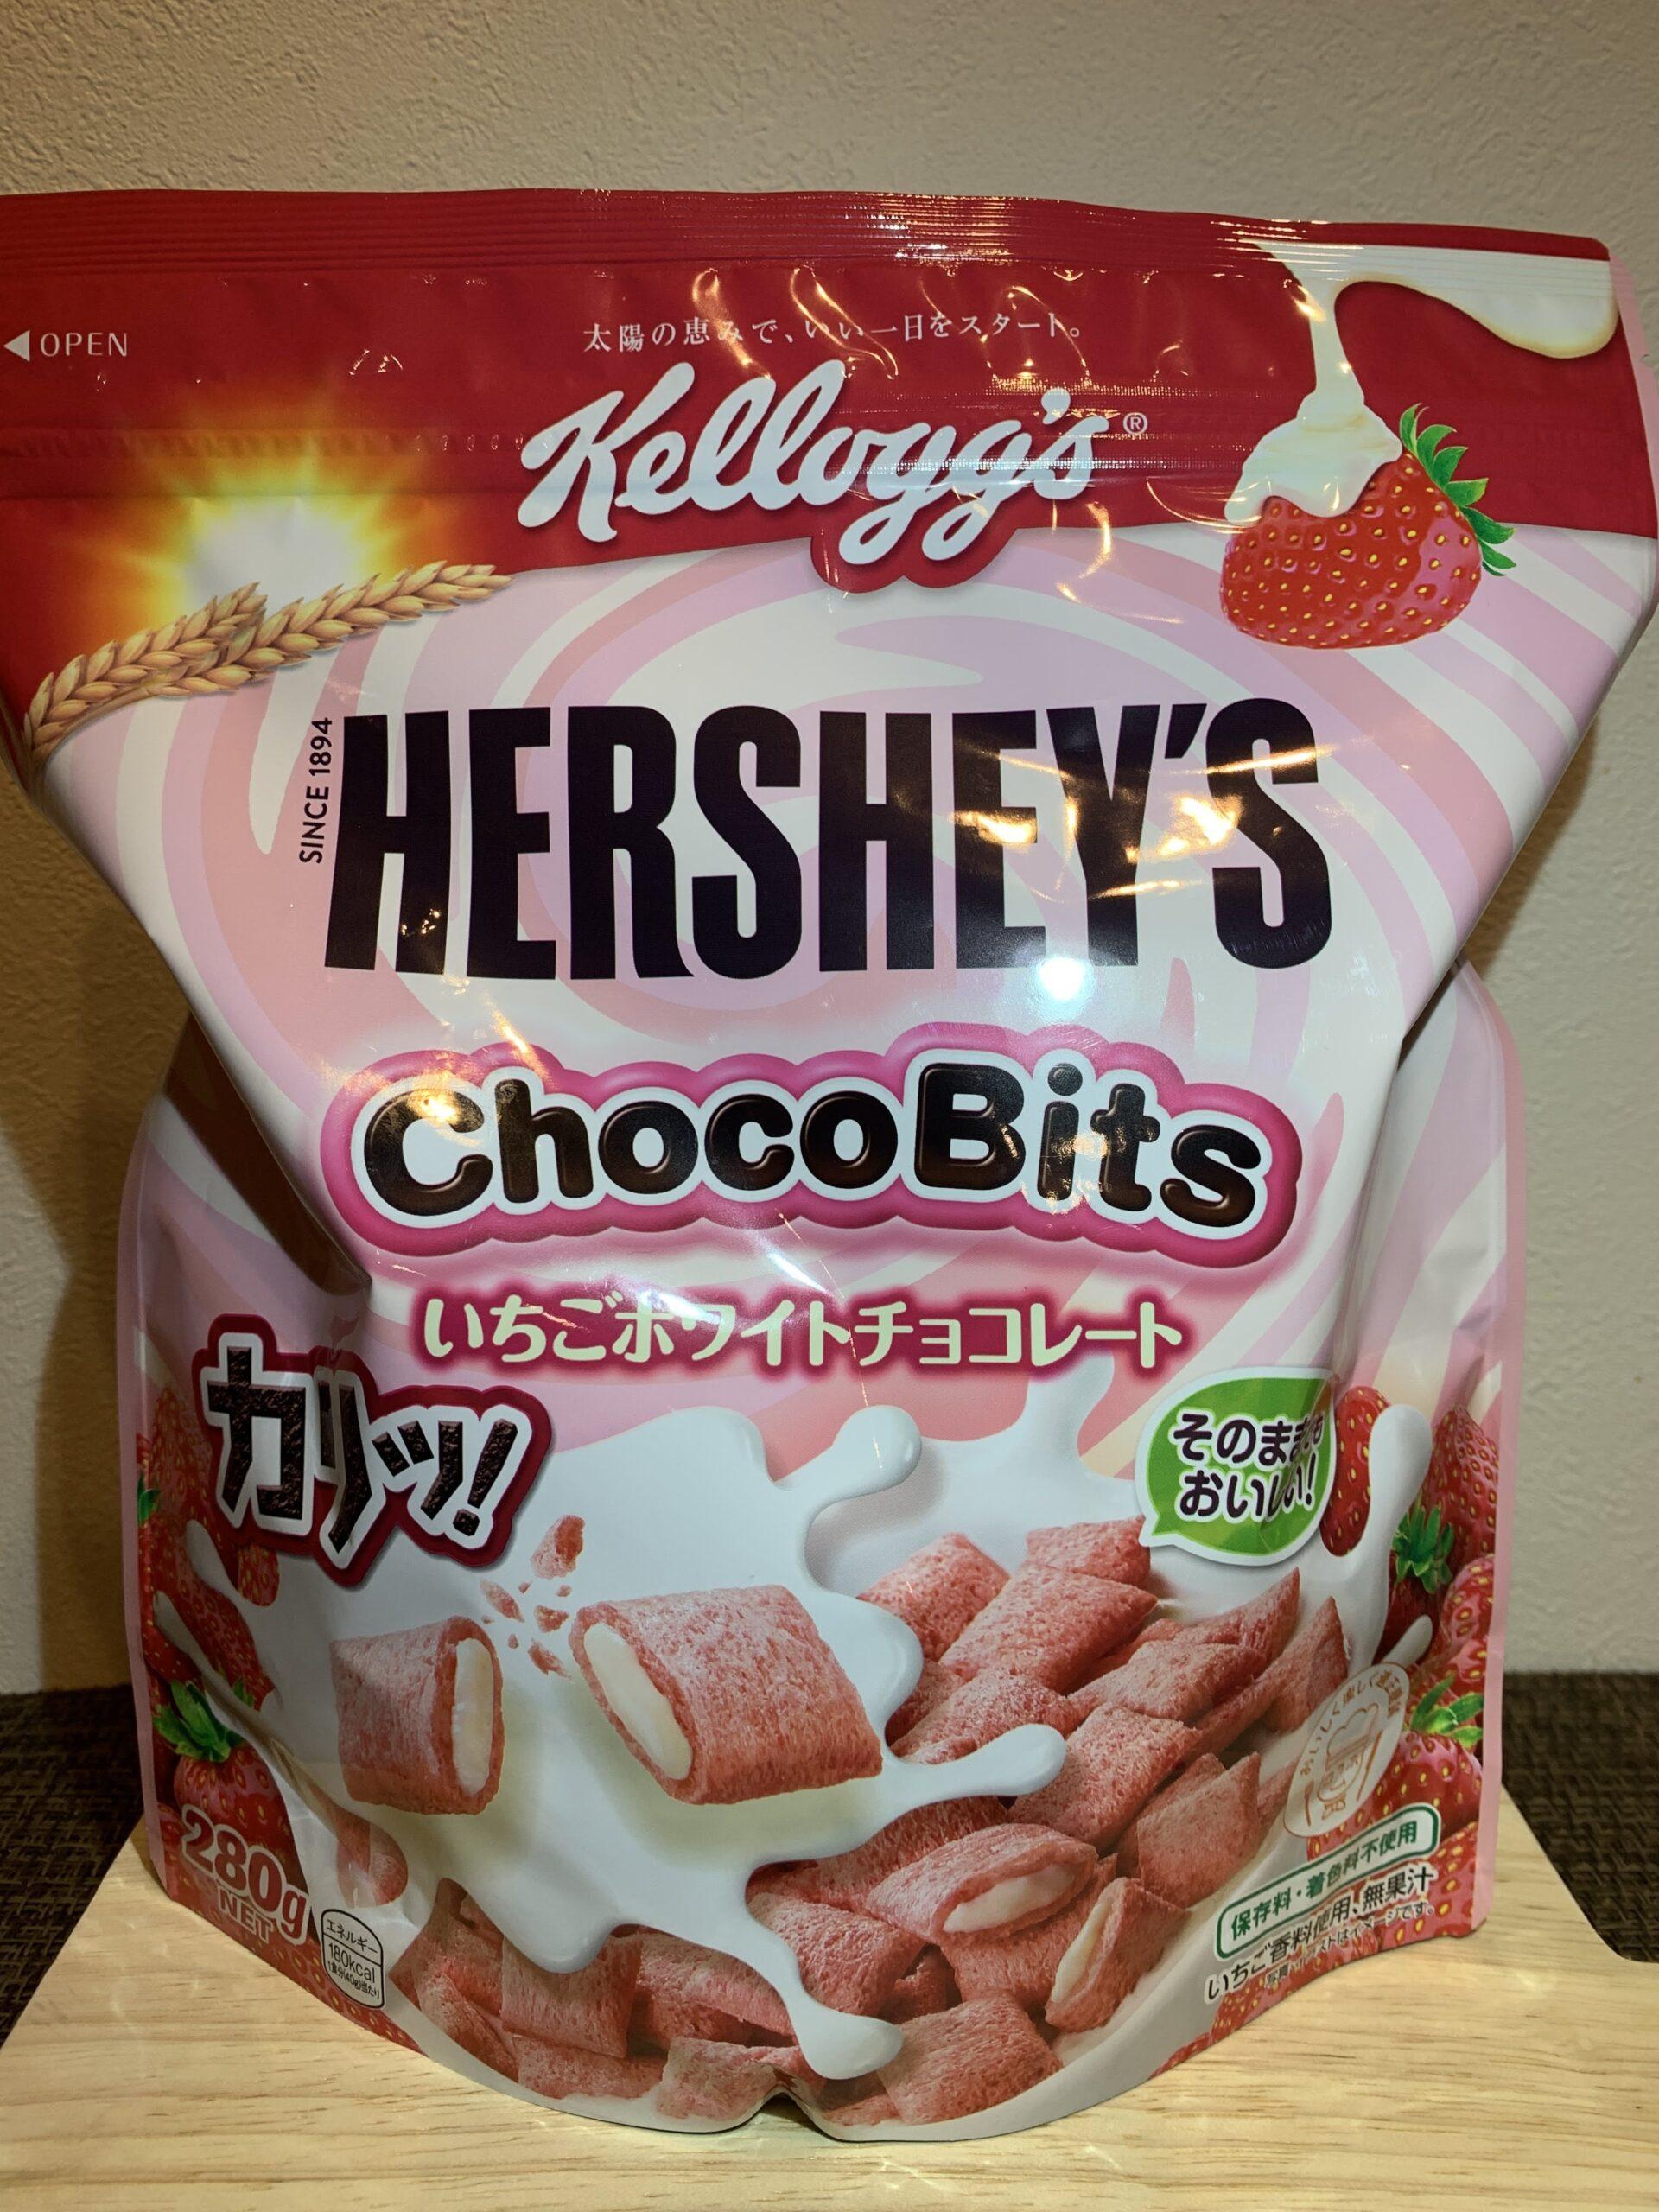 ハーシーズいちごホワイトチョコレートを食べてみた・値段やカロリーは?